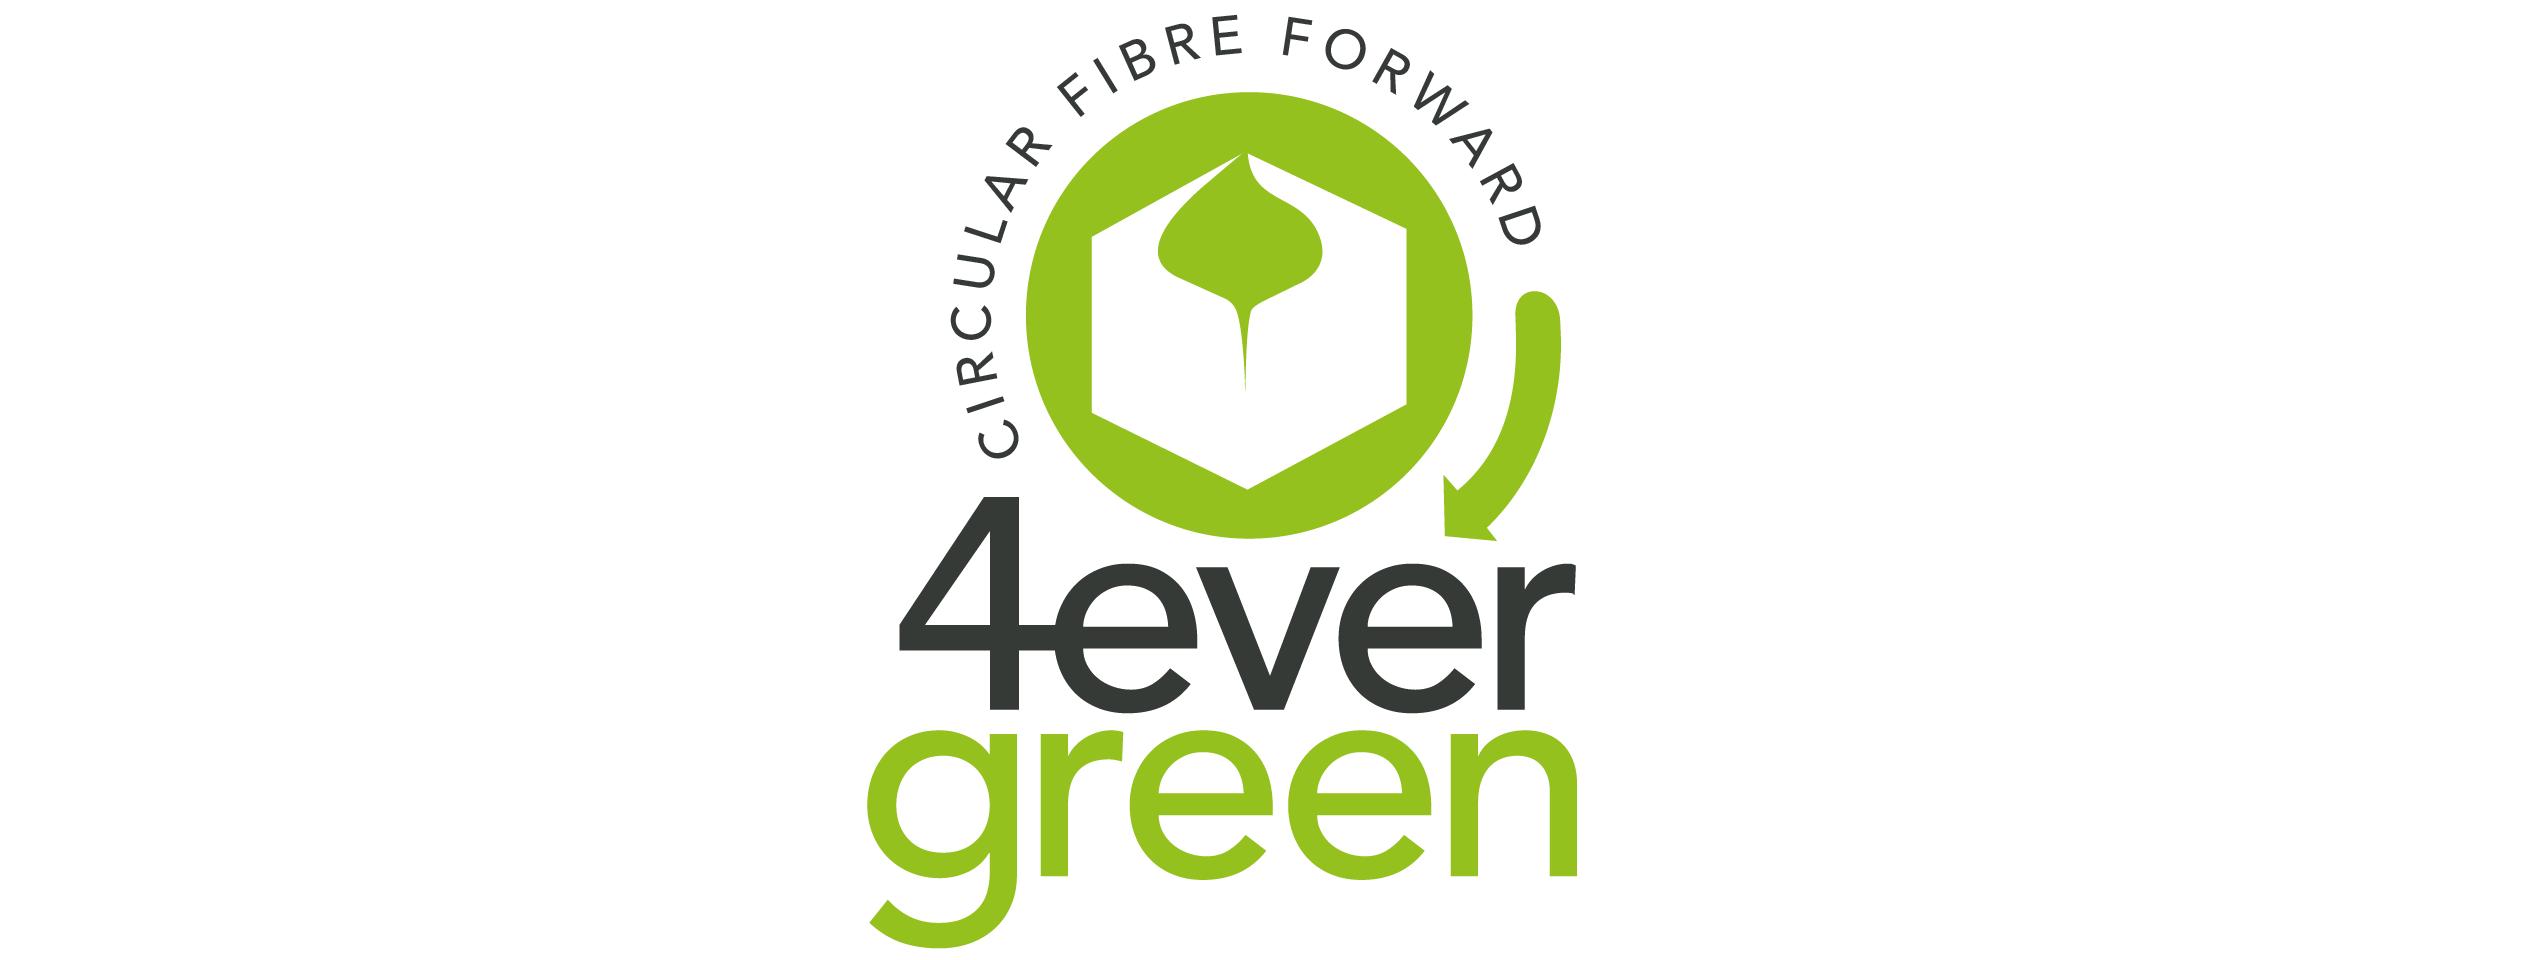 4evergreen online launch event & panel debate